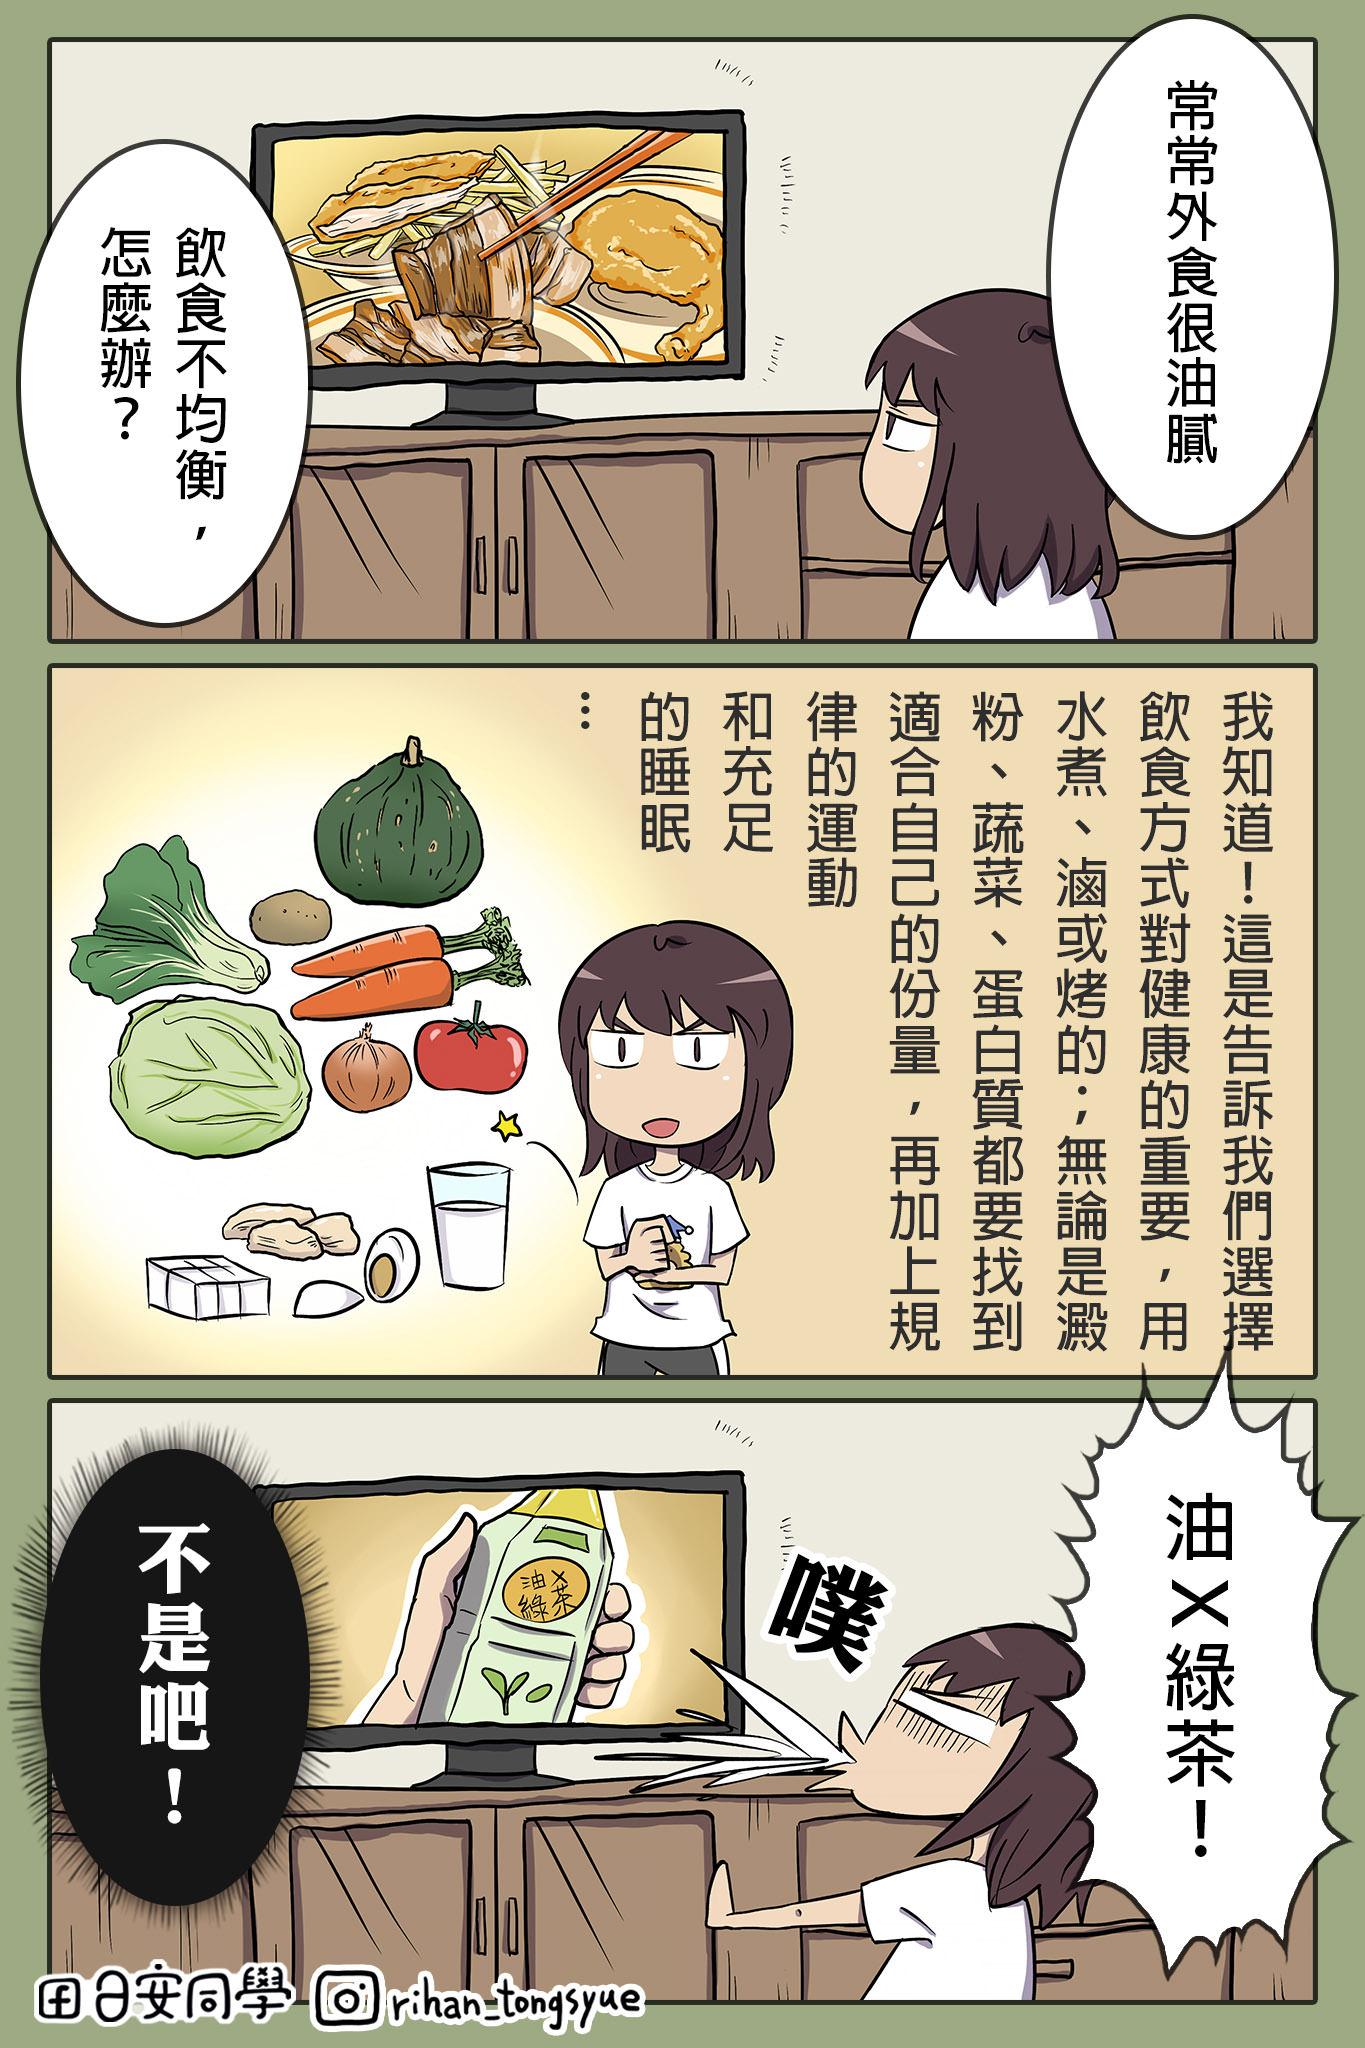 廣告搞錯重點系列_5_油切綠茶